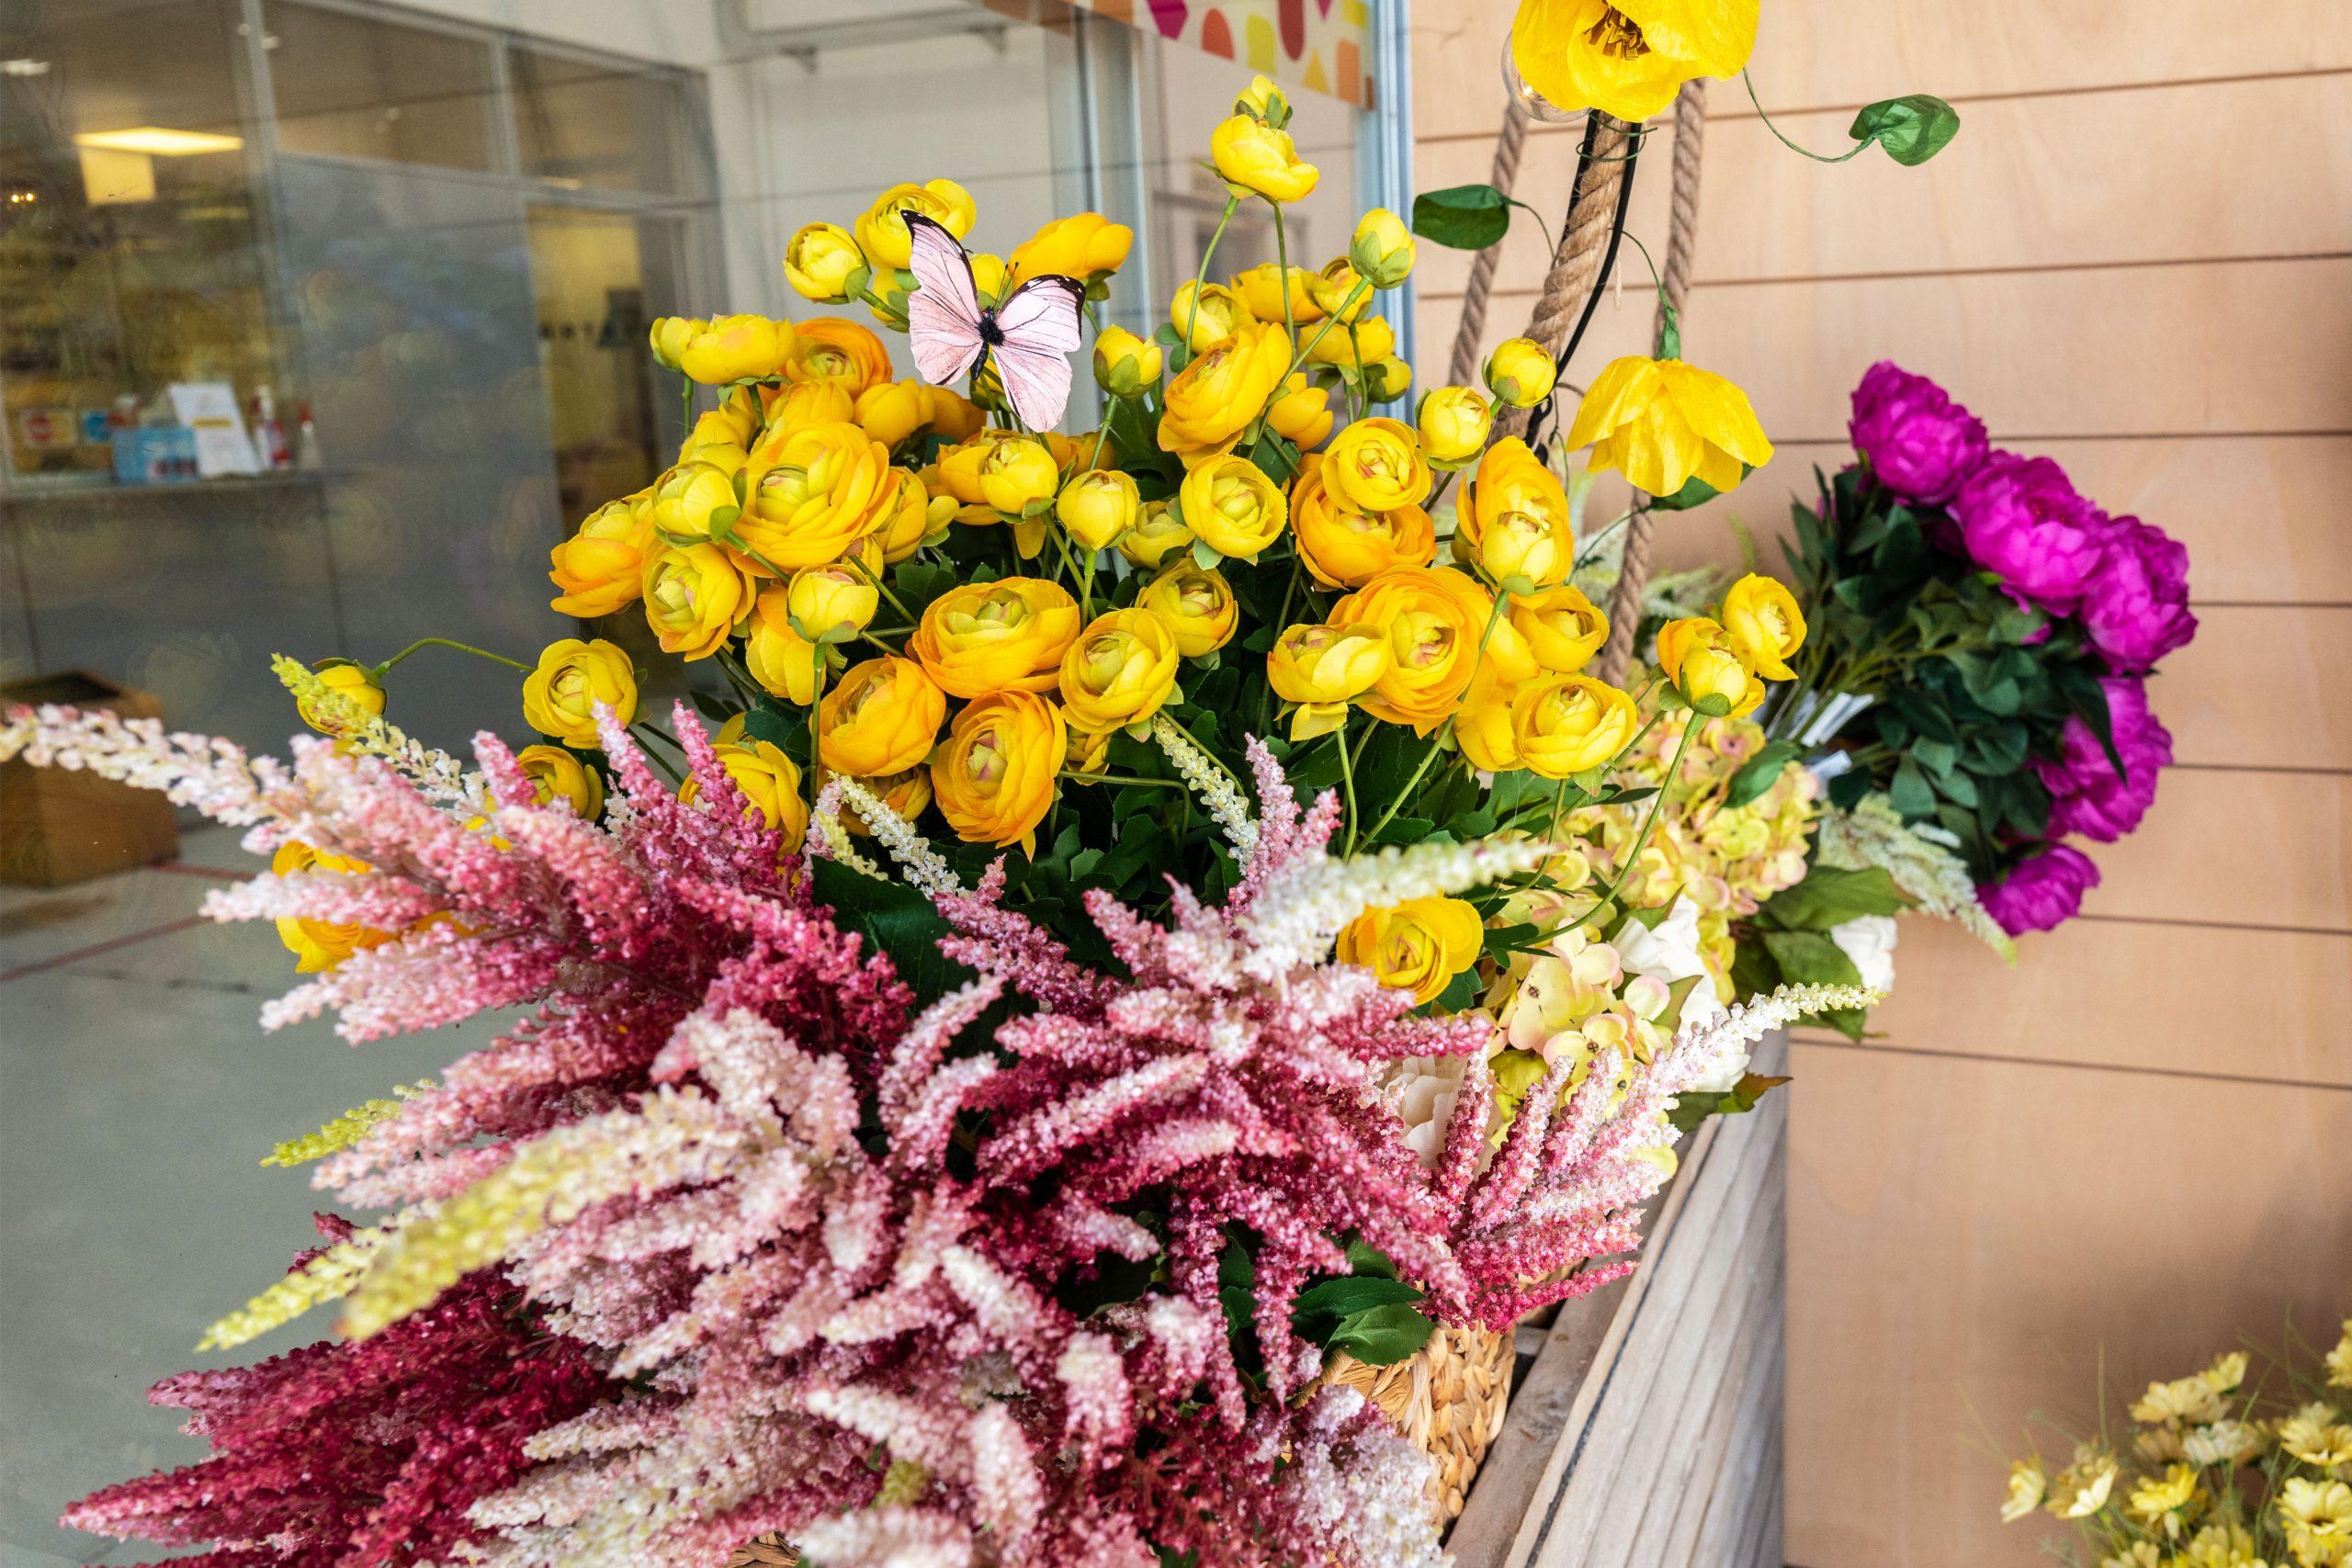 incartare_piante-fiori-finti_allestimenti-vetrine1